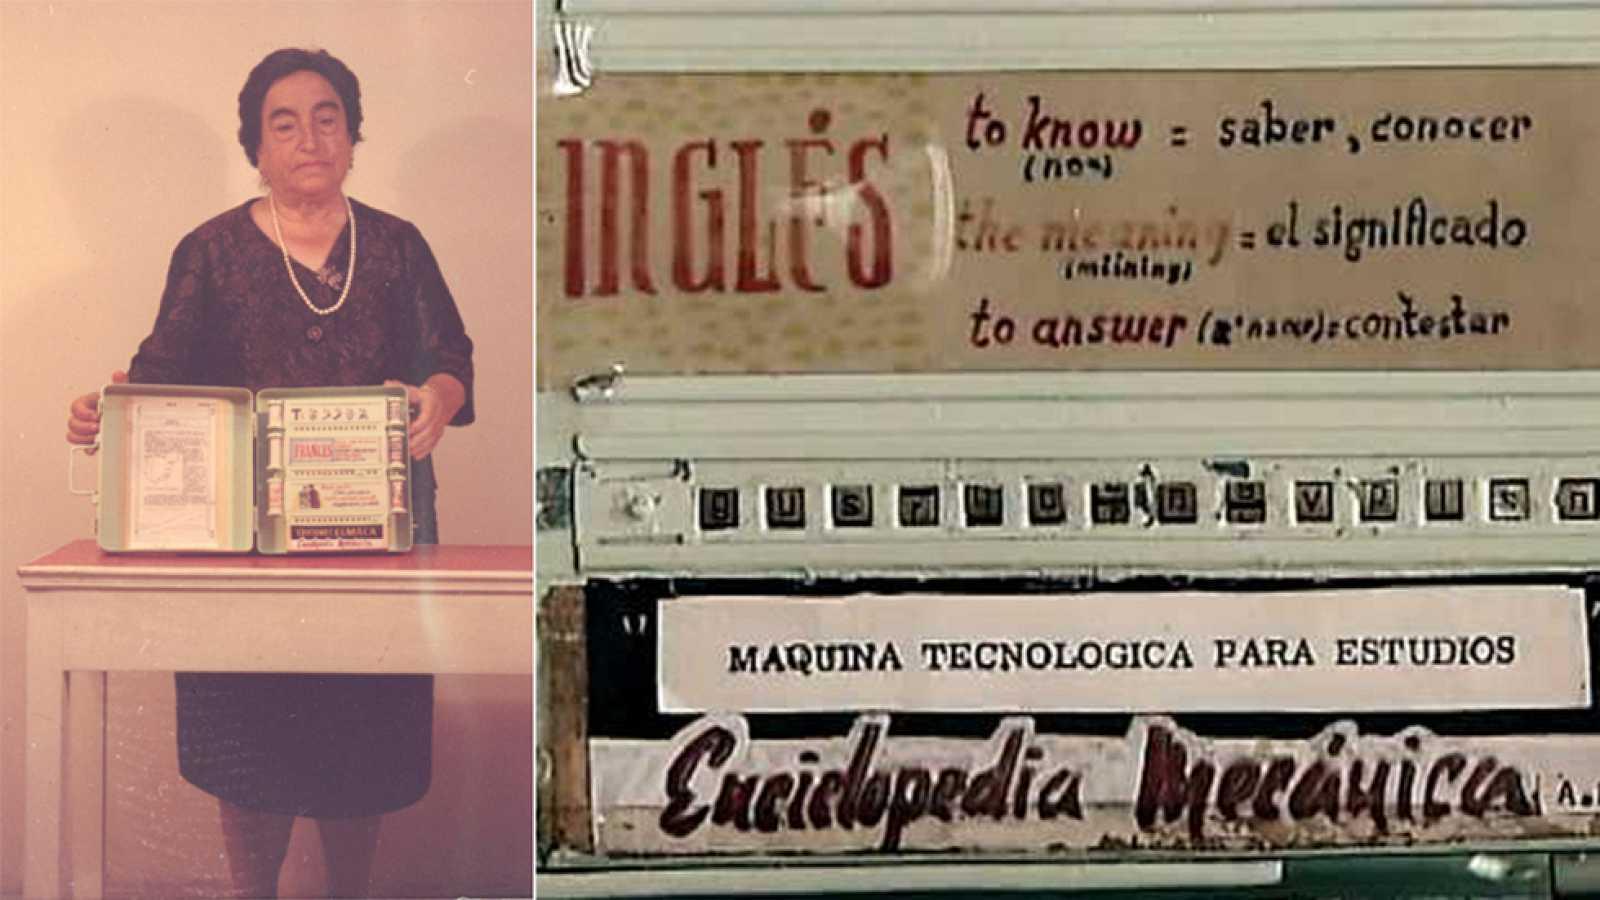 Angela Ruiz una notable mujer inventora. Crédito: web tve-con-ciencia.